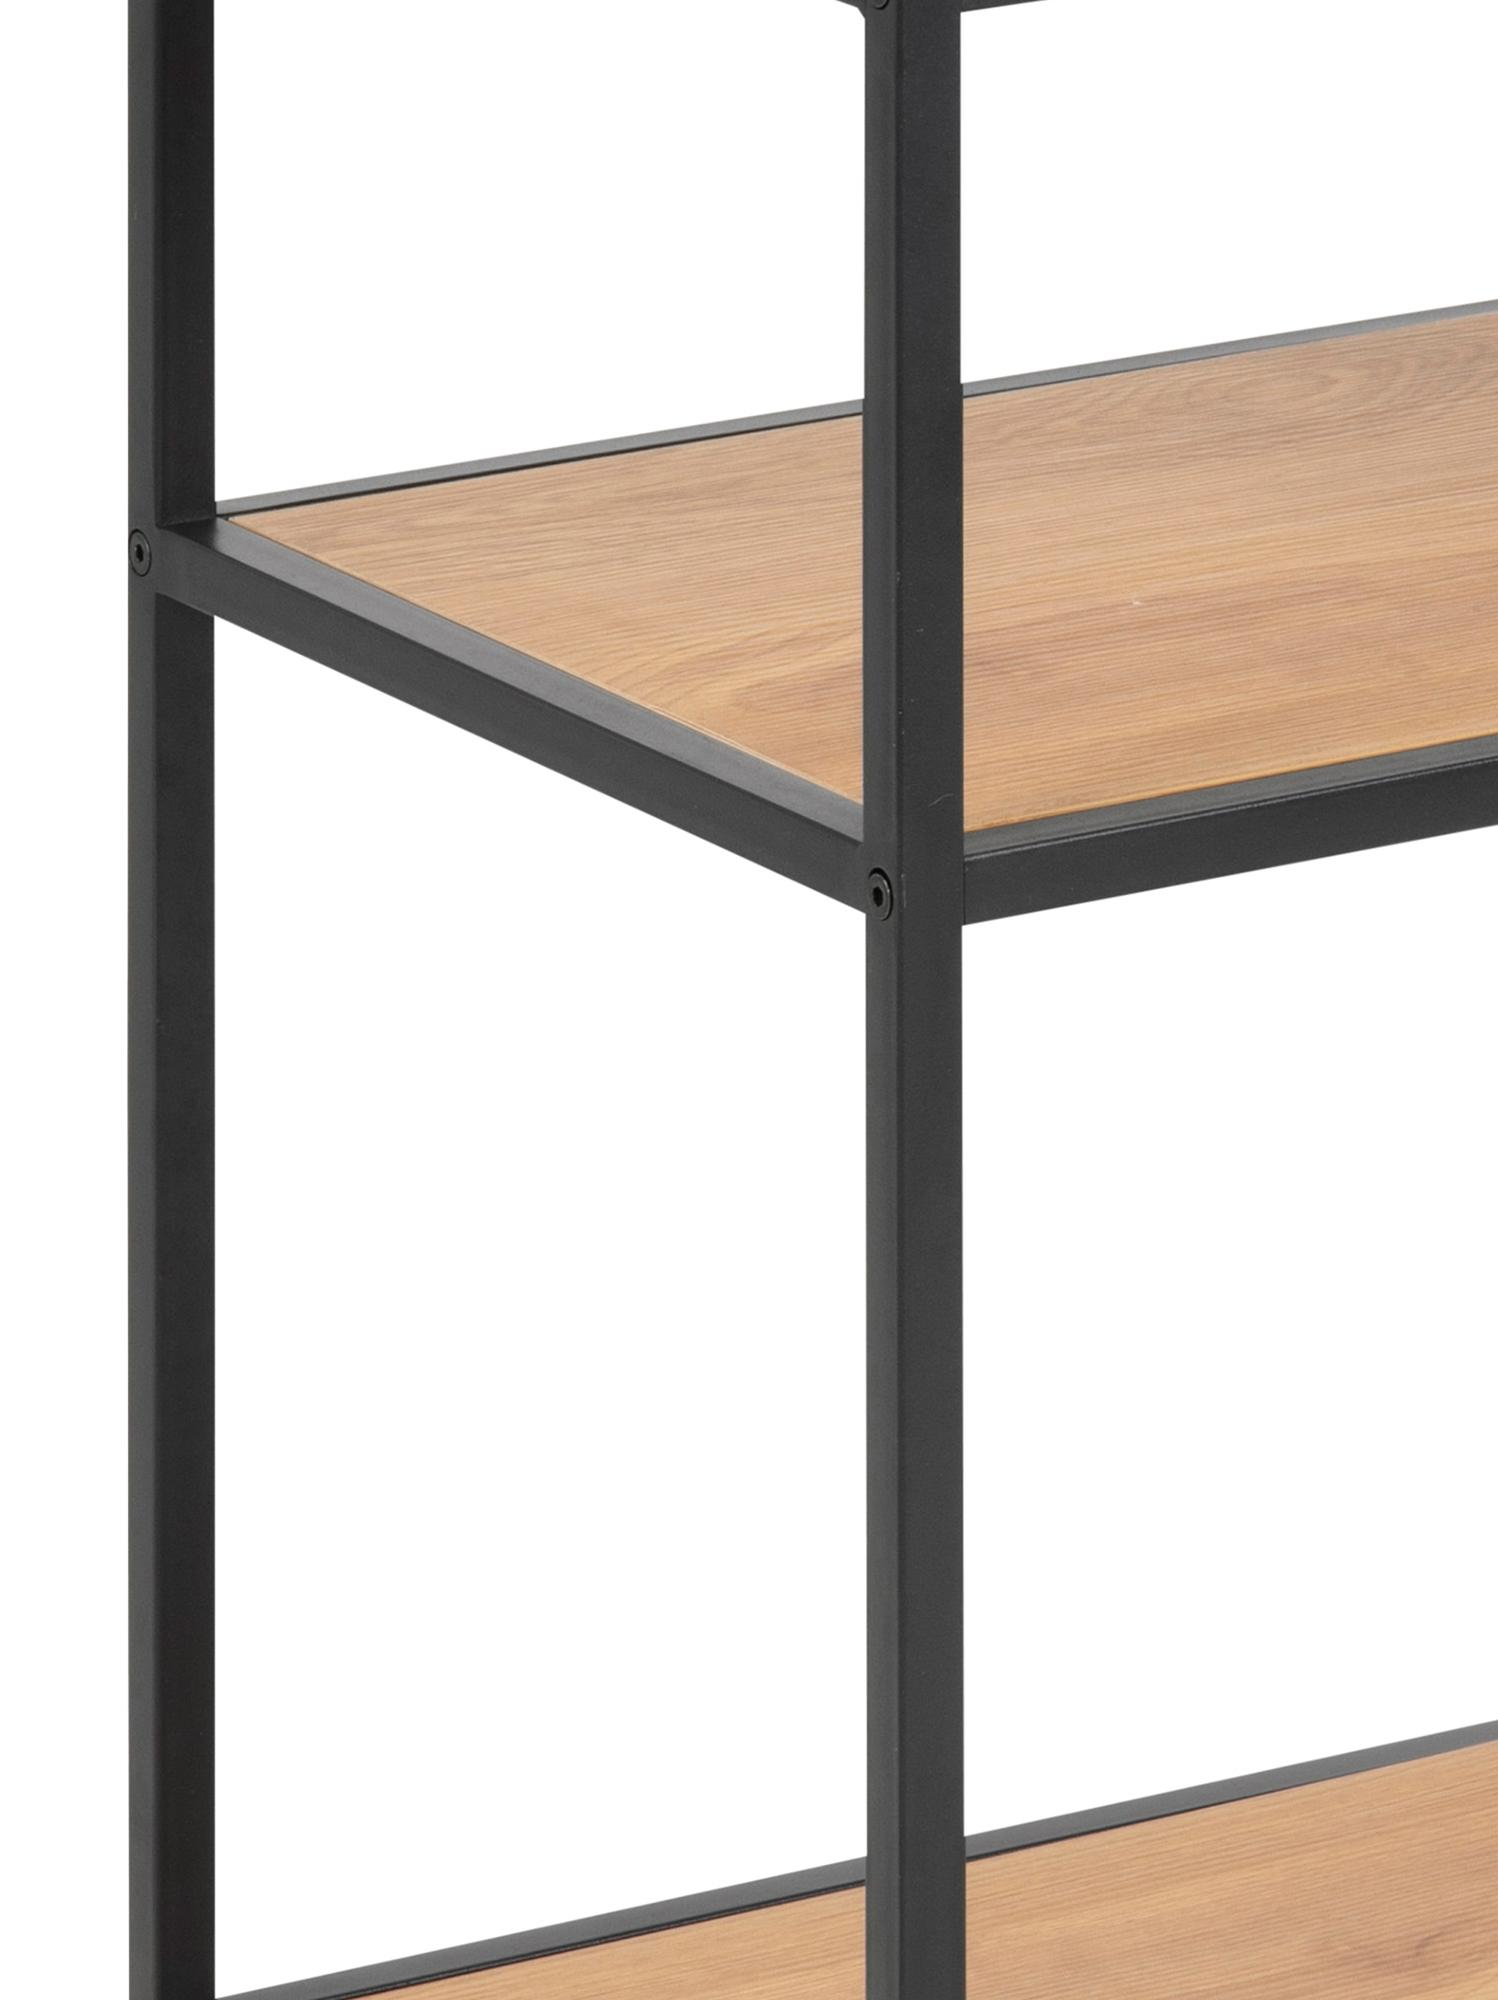 Beistelltisch Seaford aus Holz und Metall, Gestell: Metall, pulverbeschichtet, Wildeiche, Schwarz, B 42 x T 35 cm